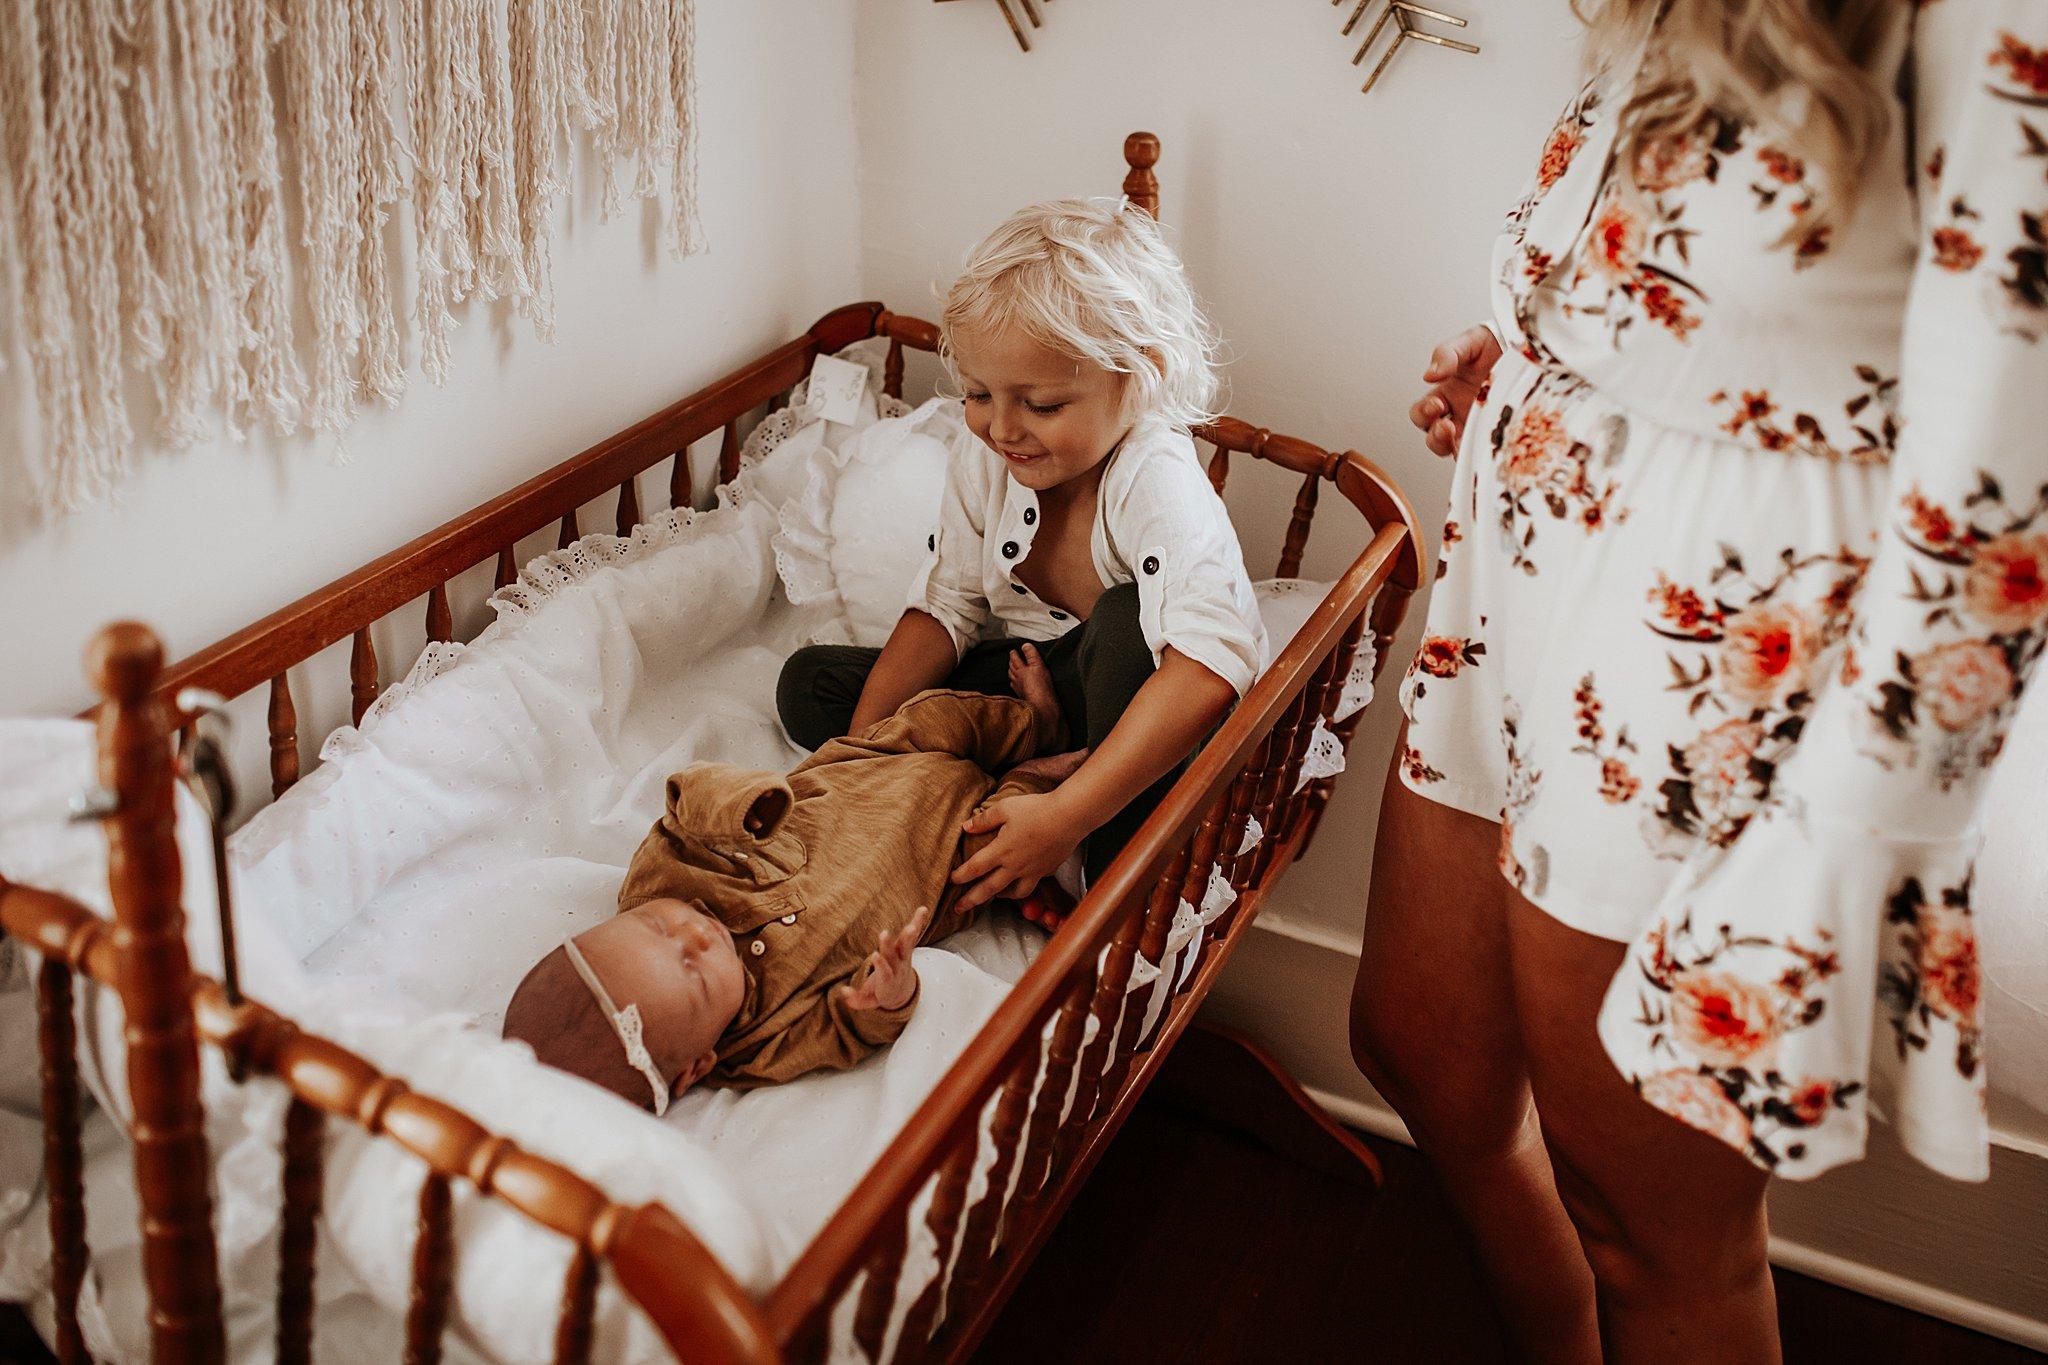 Kora-San-Antonio-Family-Photographer-86_WEB.jpg